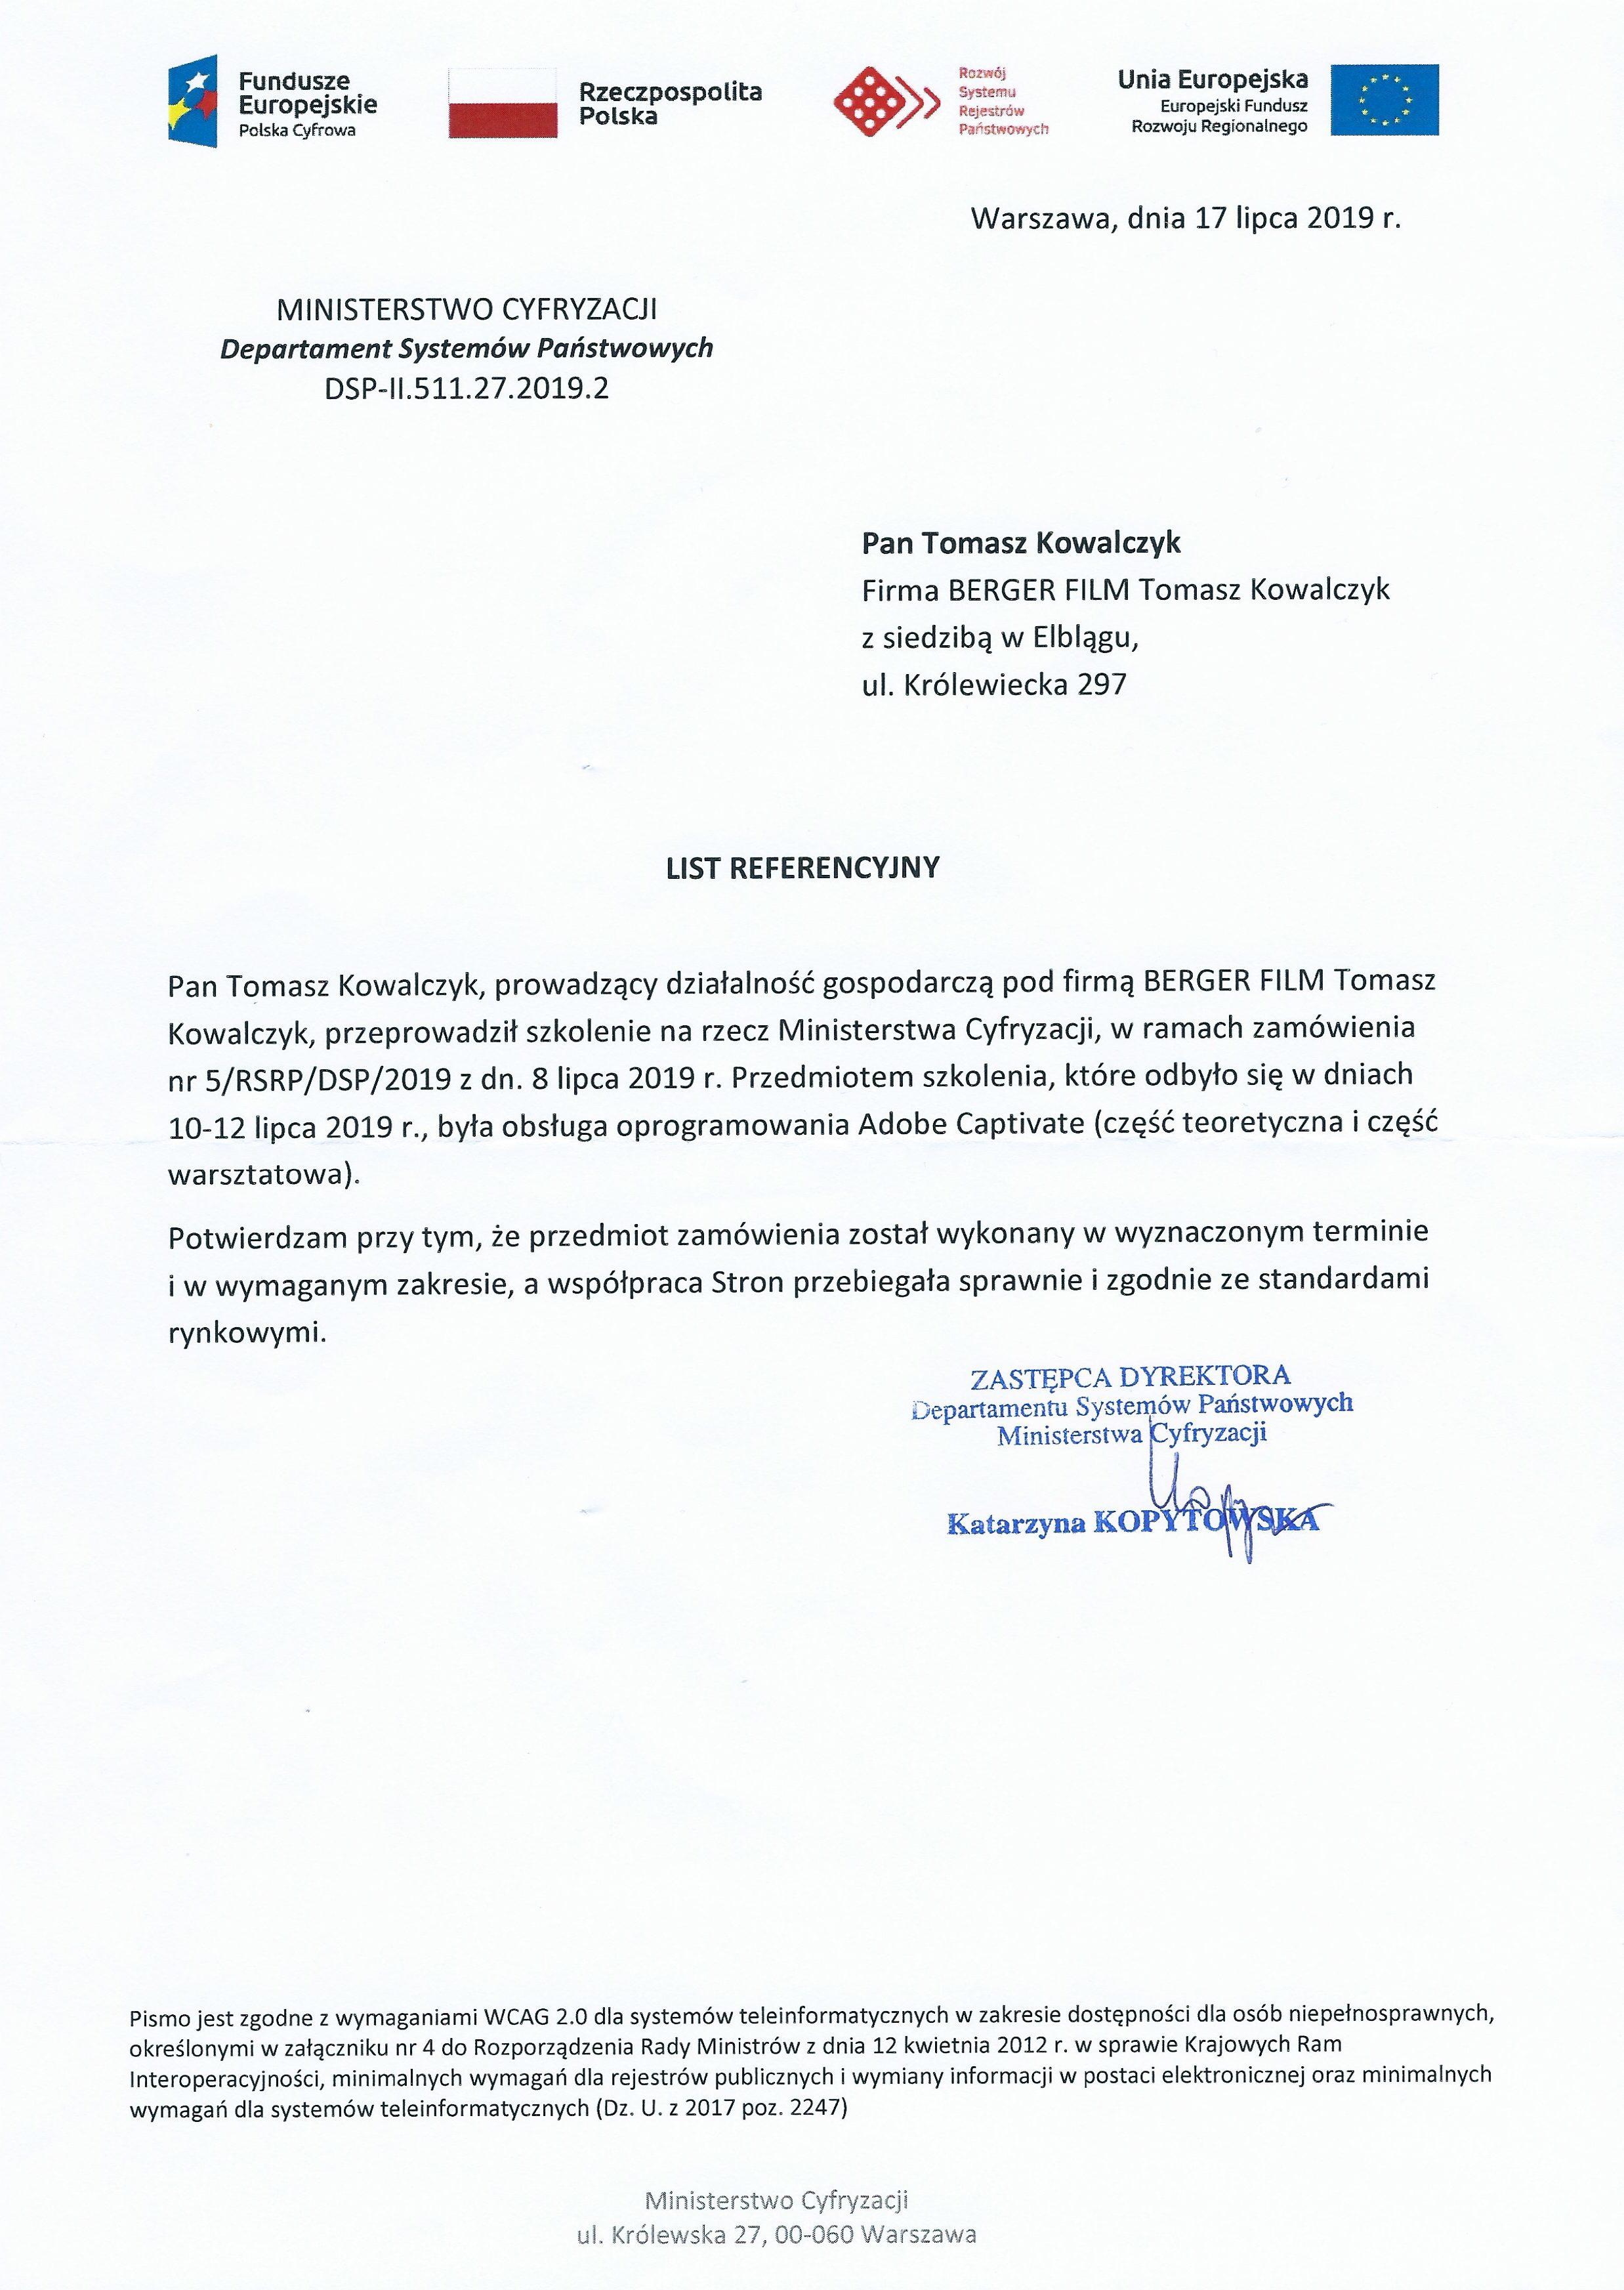 bergerfilm_referencje_ministerstwo_cyfryzacji